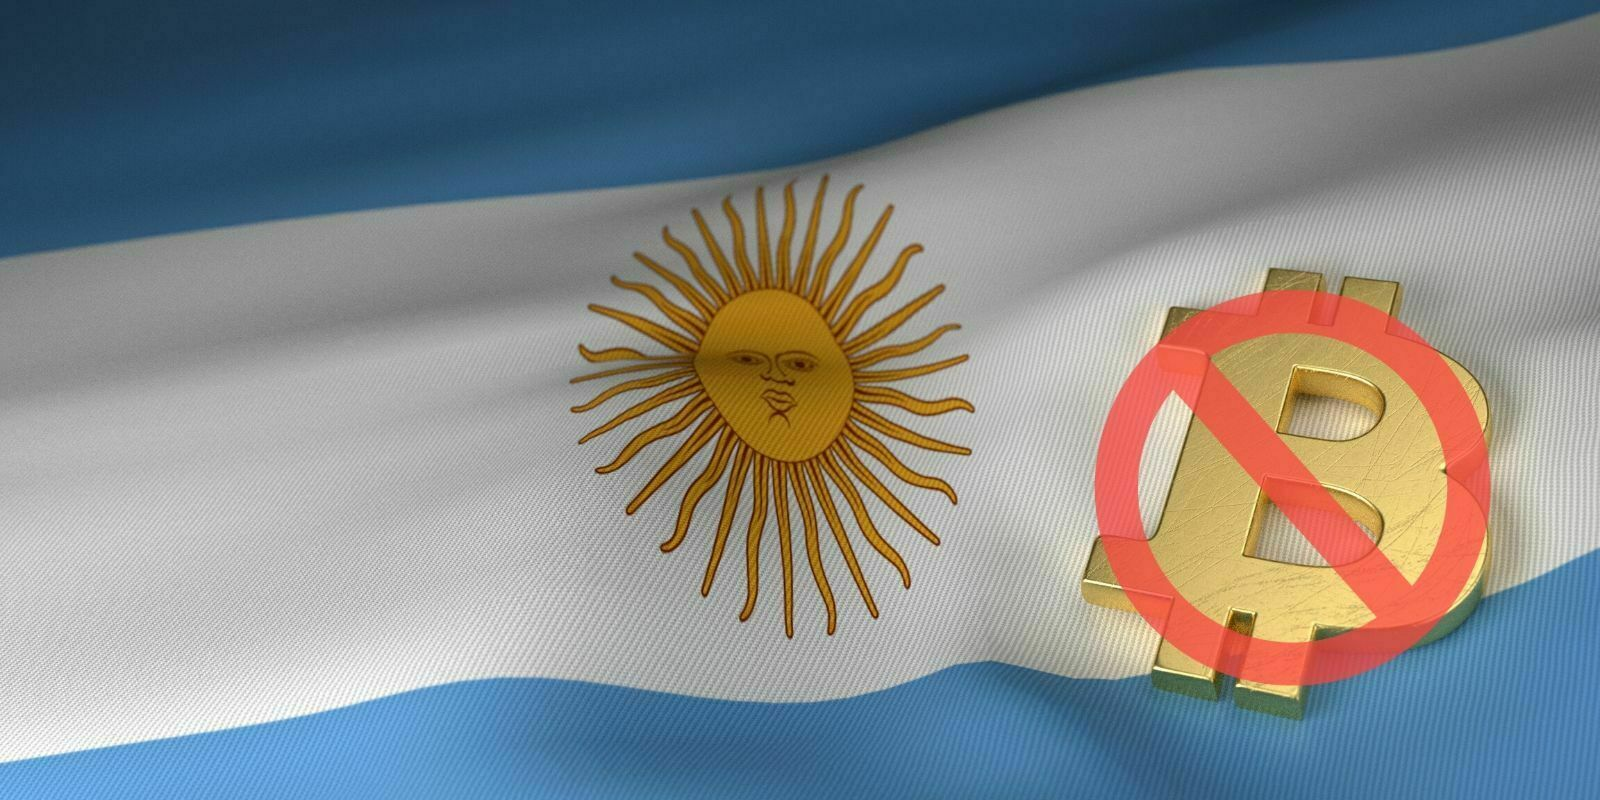 La Banque centrale d'Argentine interdit l'achat de bitcoins par carte bancaire